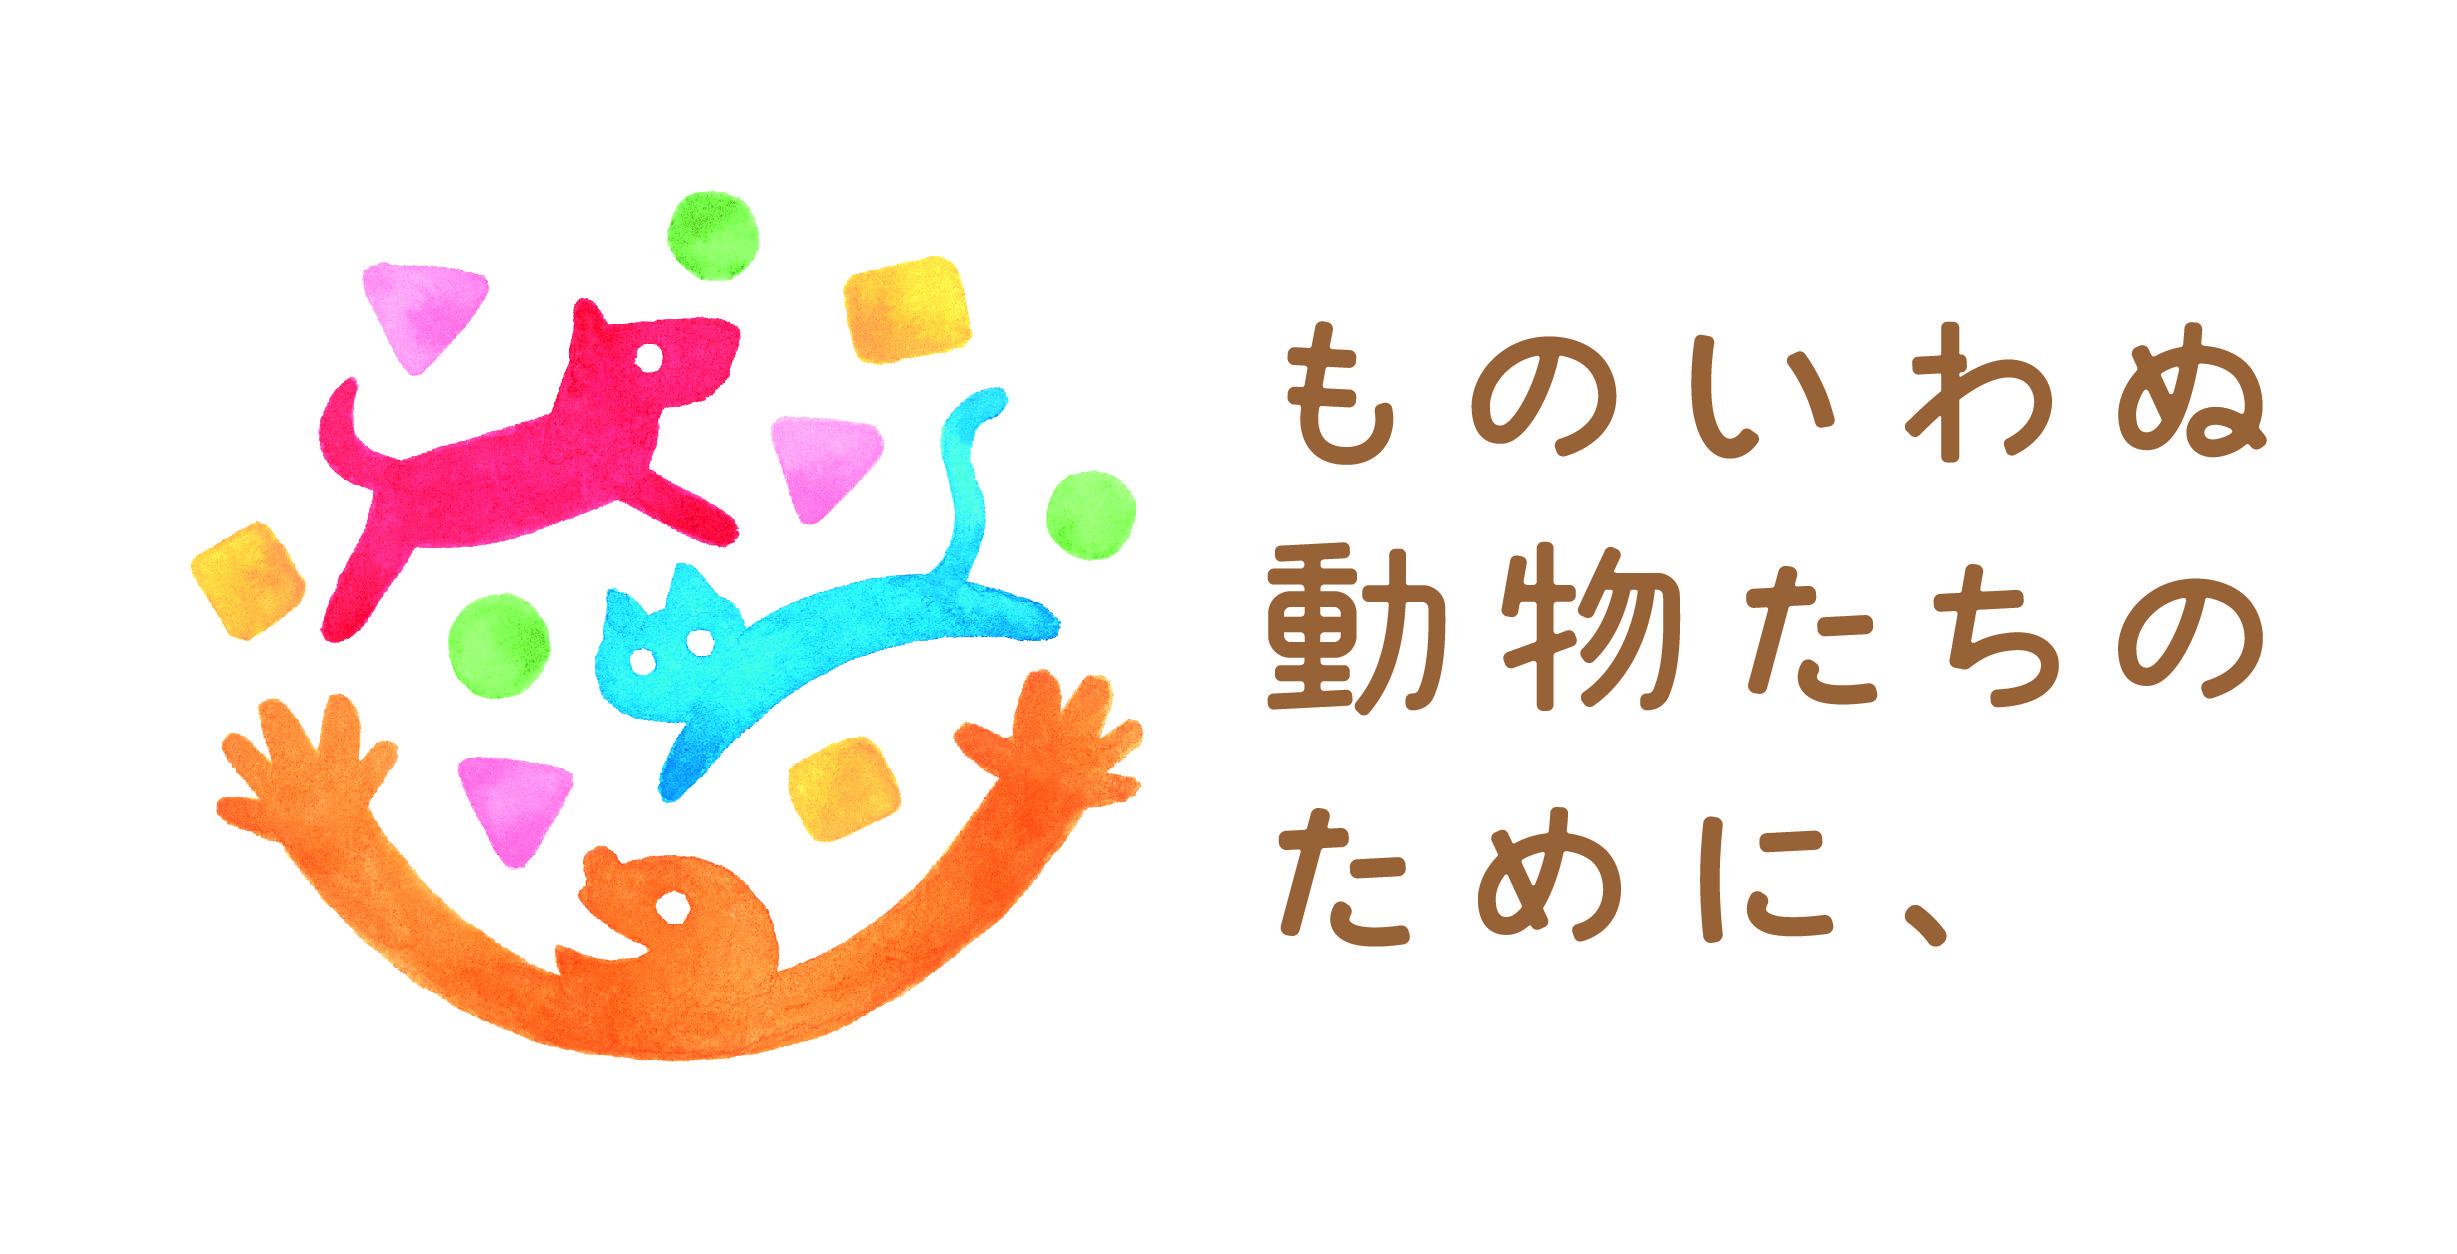 http://www.seed.co.jp/blog/eyemate/d5718d6cfcbd129e50a2af78a1966362c504744c.jpg